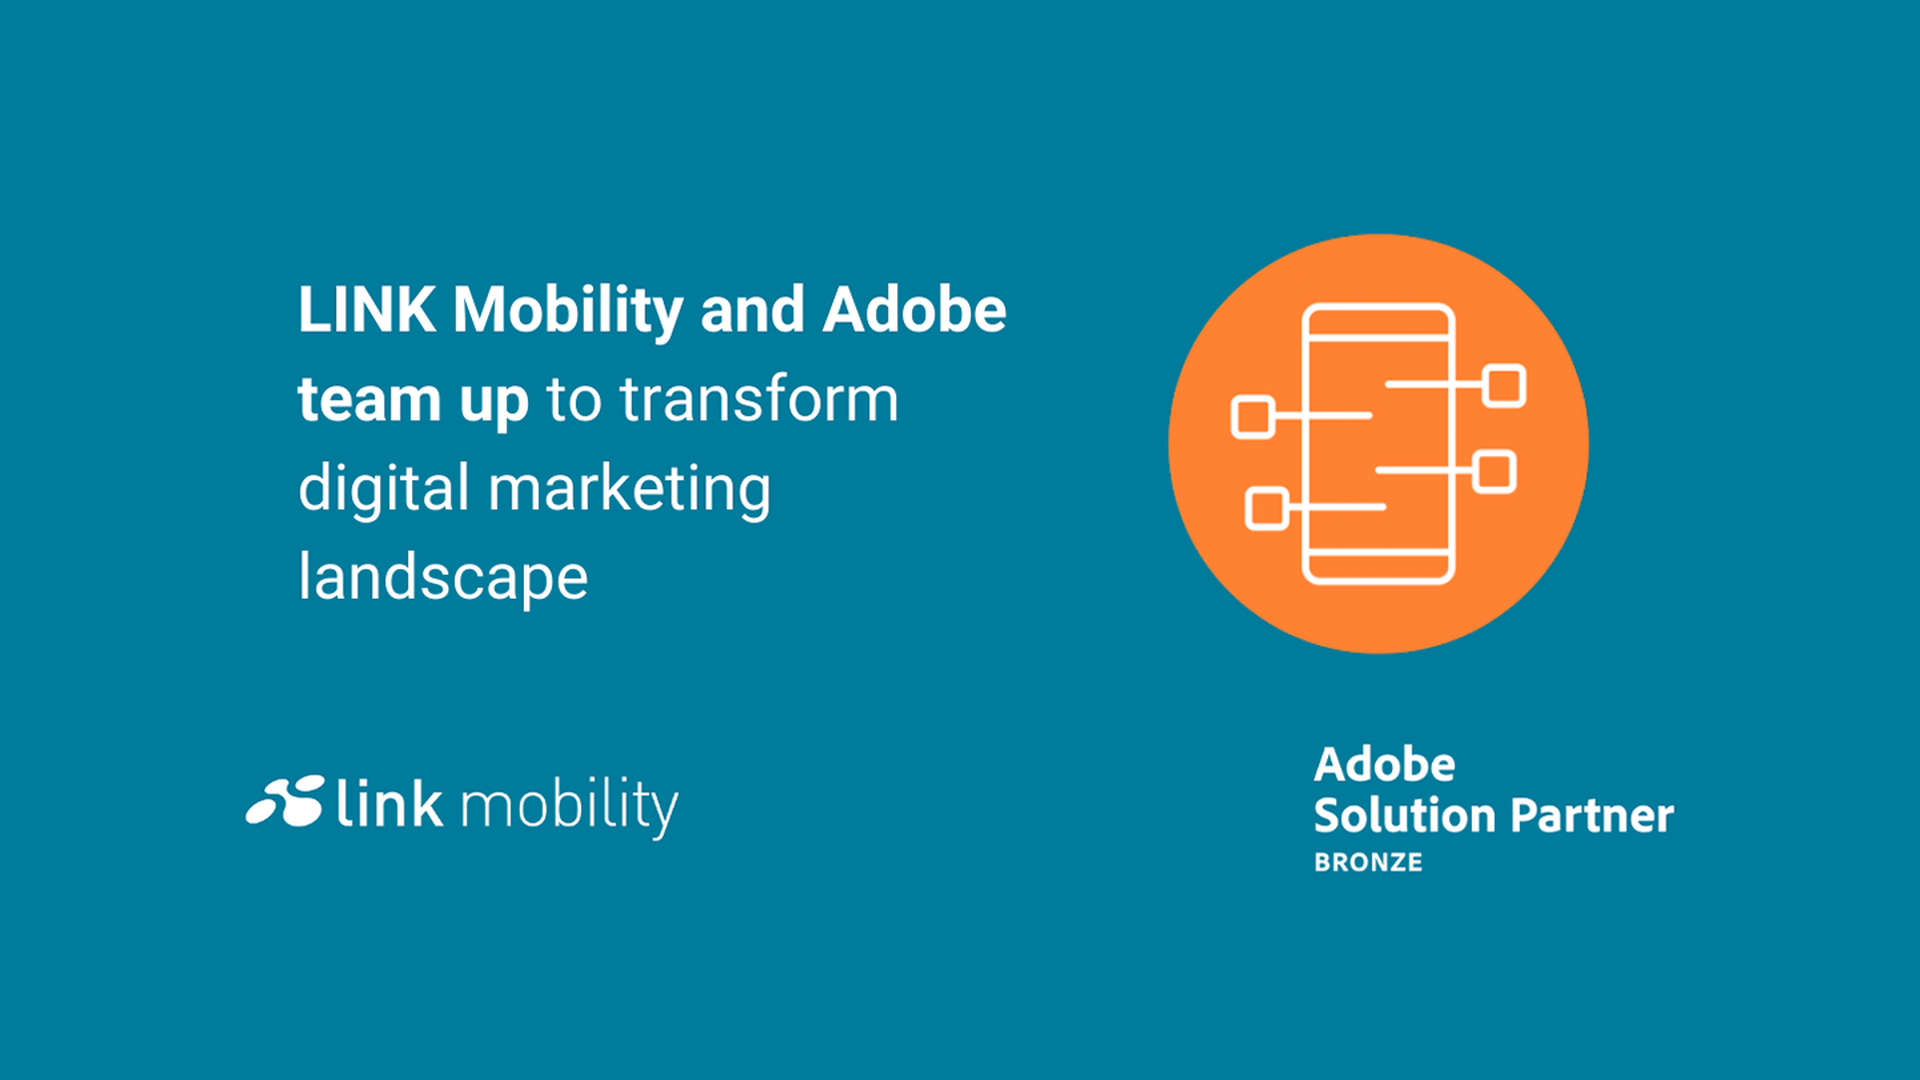 LINK Mobility - LINK Mobility und Adobe arbeiten seit mehr als 15 Jahren im Bereich Global Messaging zusammen, insbesondere durch die Bereitstellung eines Messaging-Konnektors (ehemals Netsize), der in Adobe Campaign integriert ist.